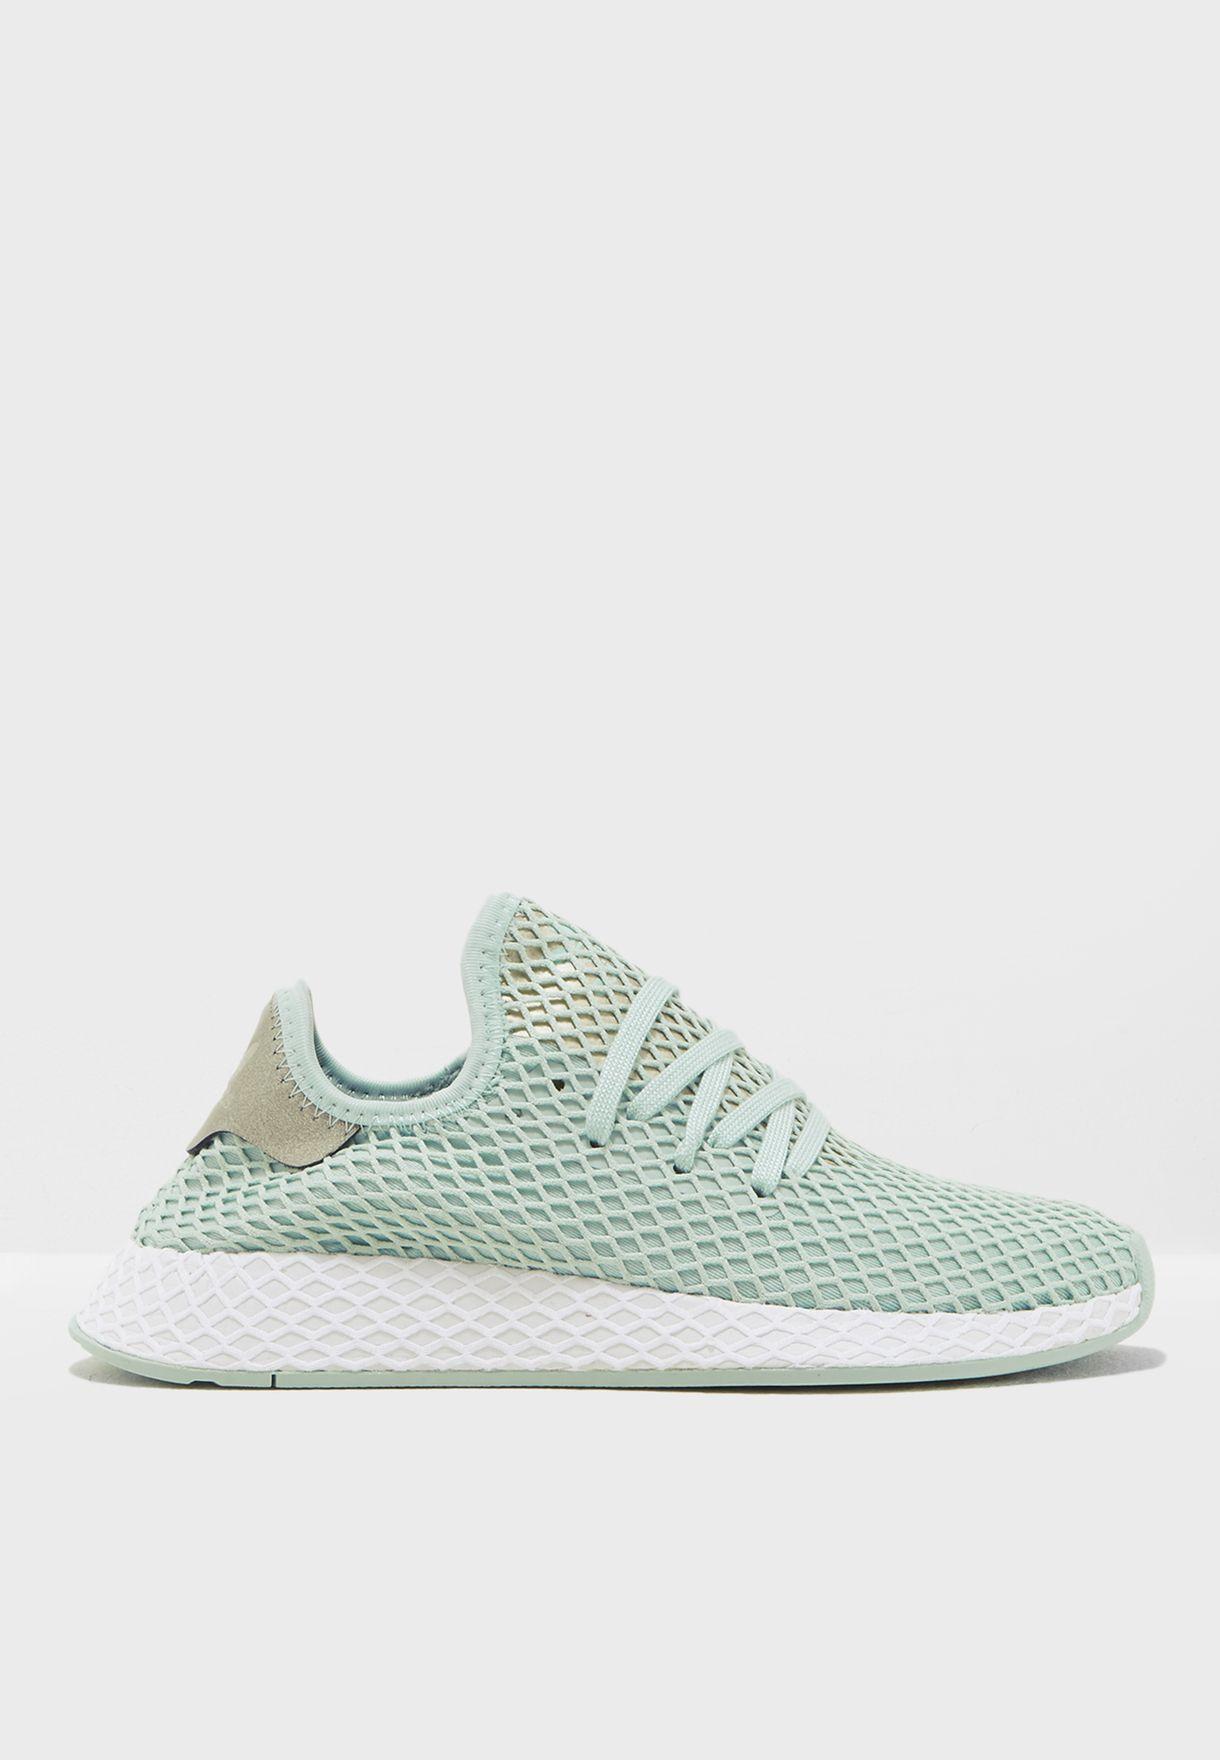 e42ef189d تسوق حذاء ديربت رنر ماركة اديداس اورجينال لون أخضر B37680 في ...